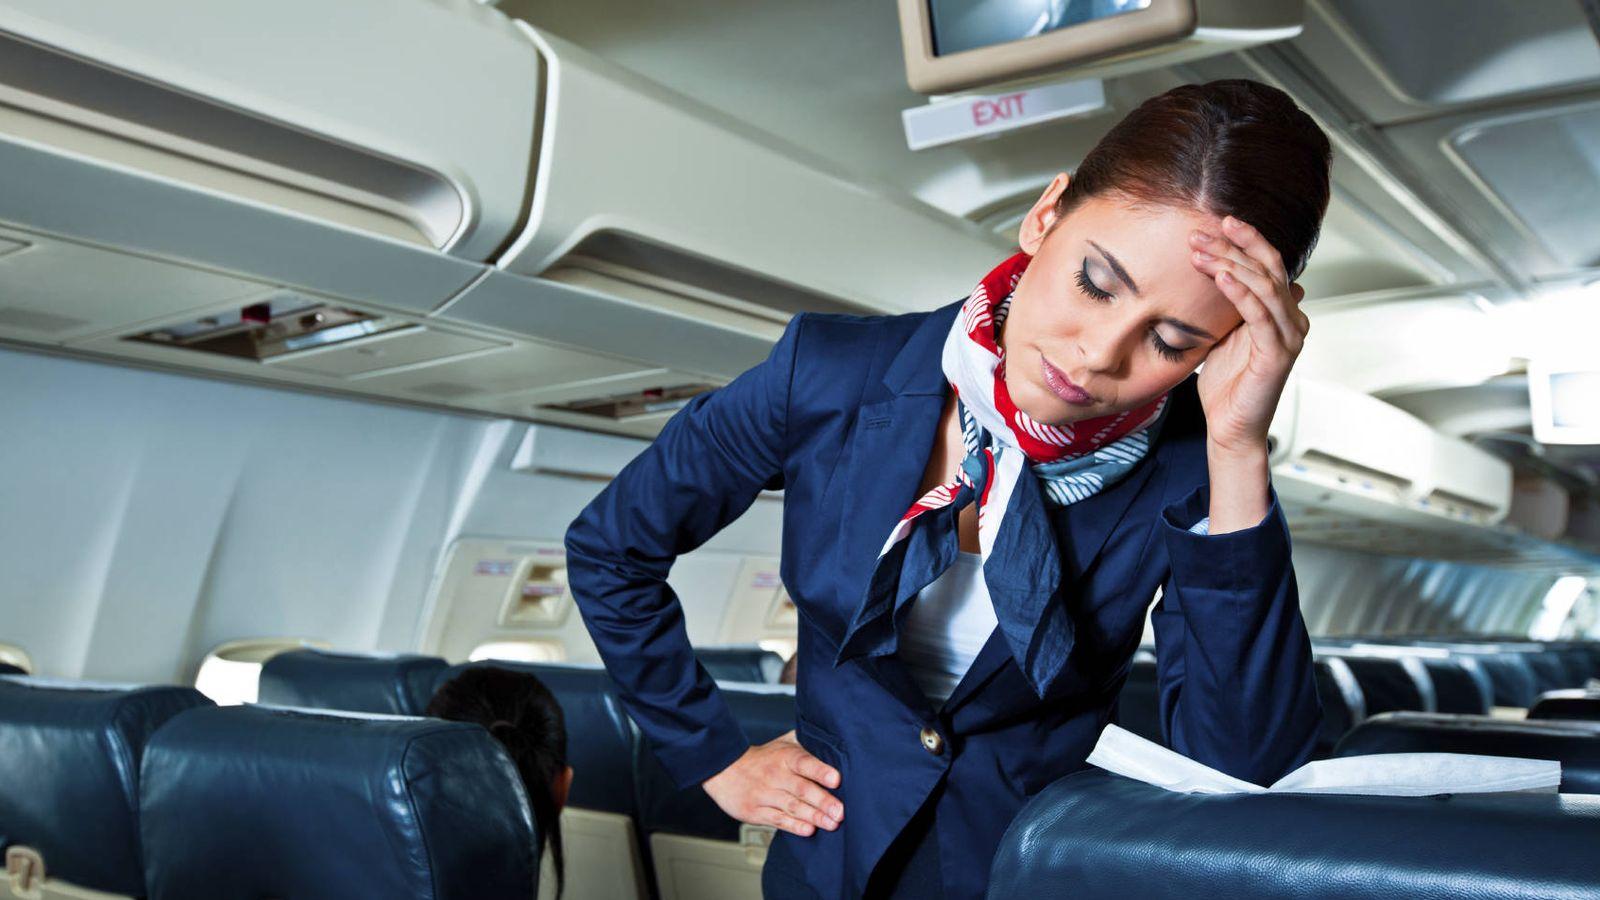 Como es auxiliar de vuelo en ingles